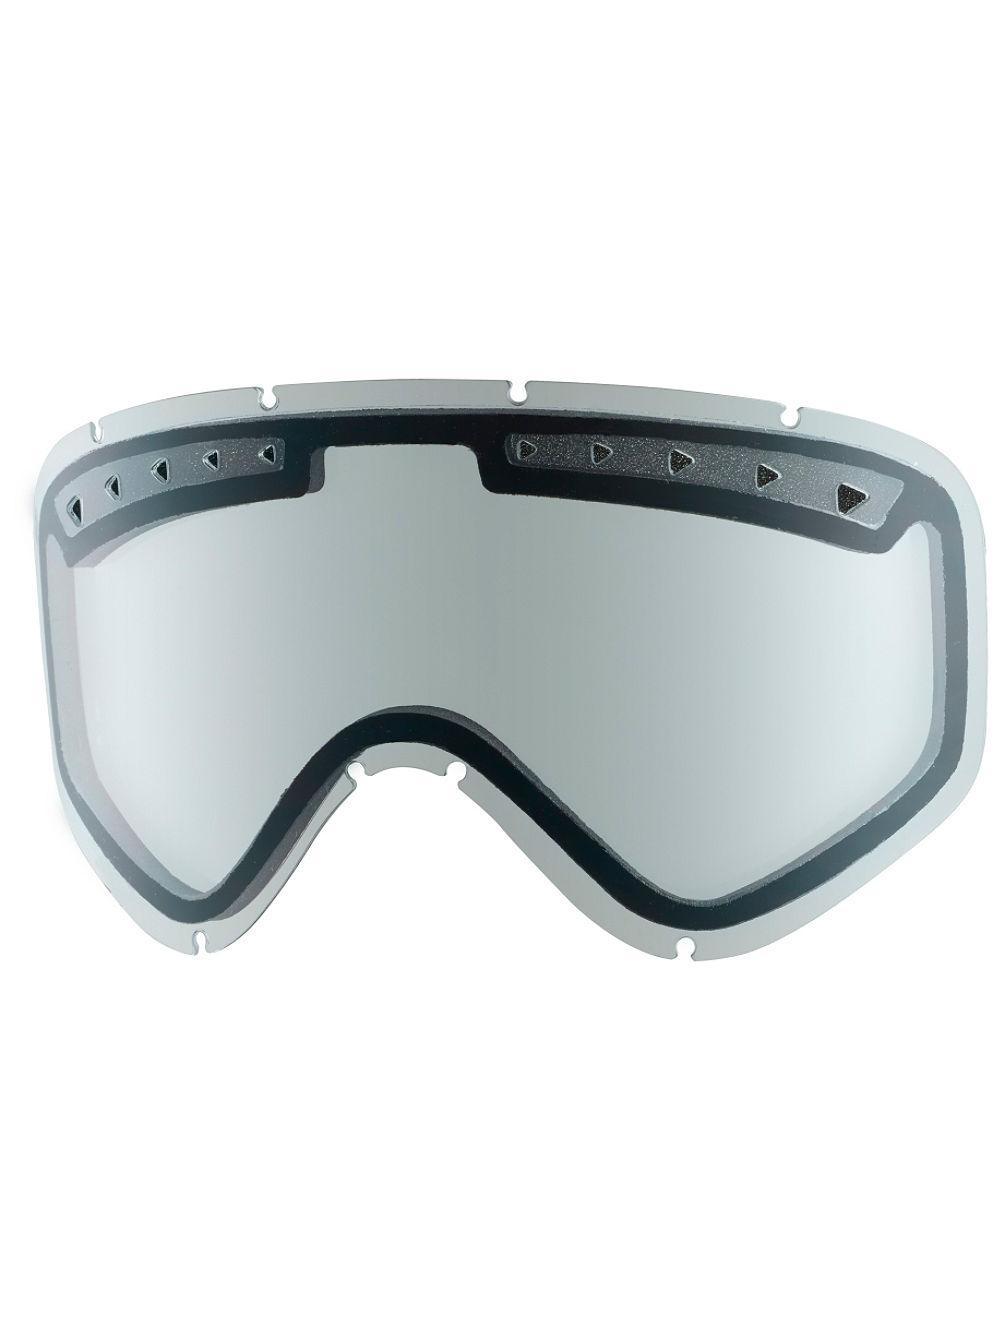 tracker-lens-clear-boys